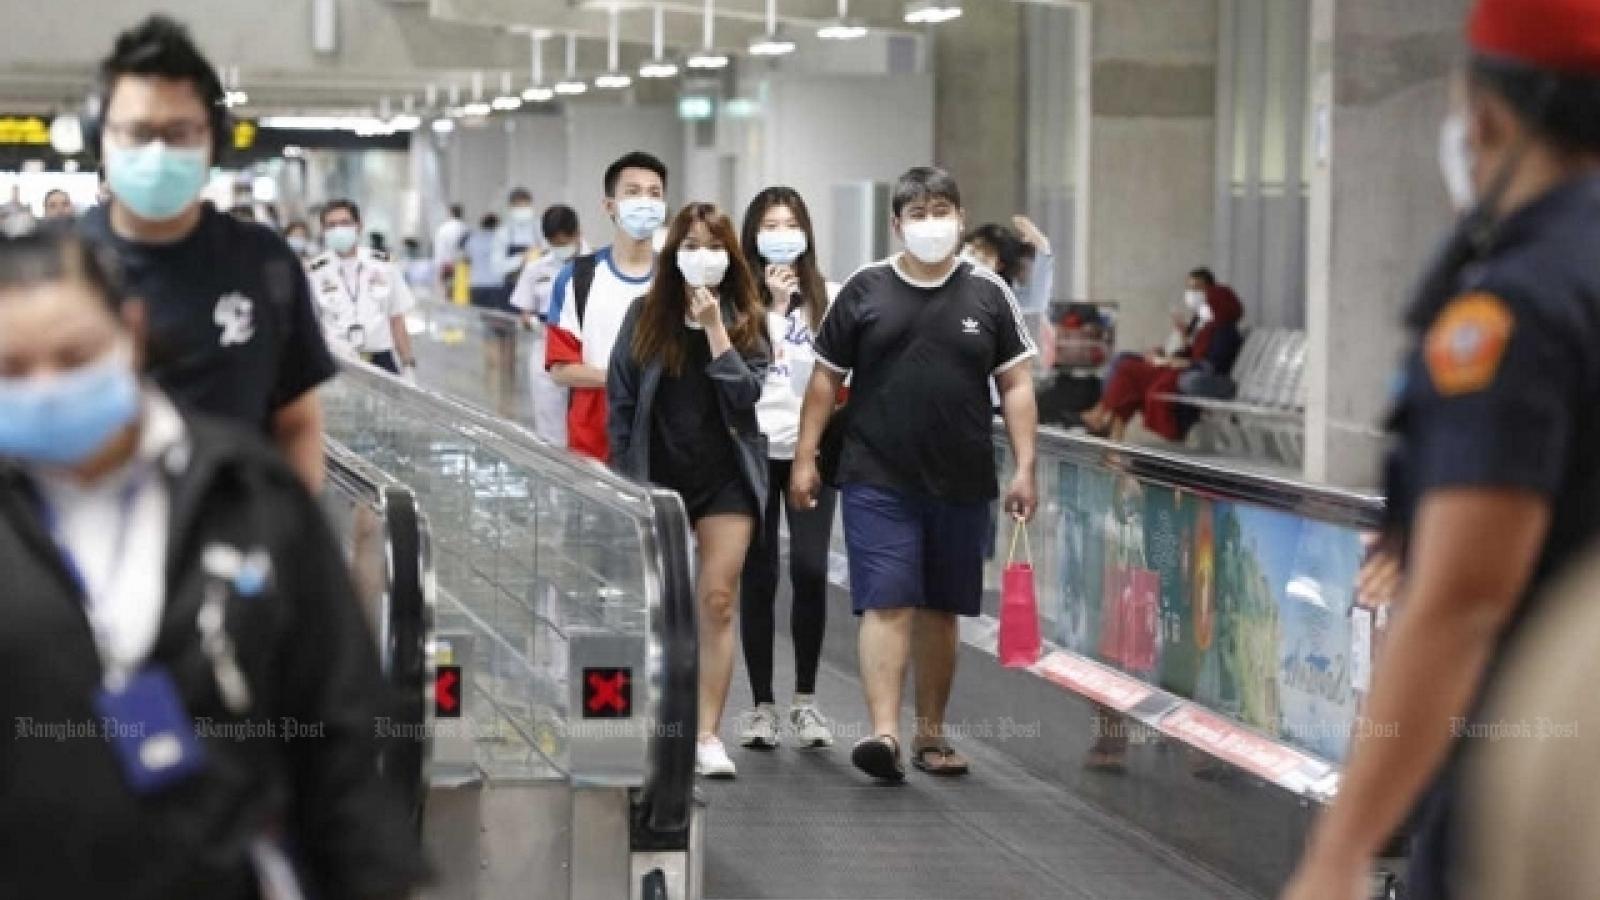 Thái Lan xác nhận 2 ca mắc Covid-19 mới trong cộng đồng sau hơn 1 tháng